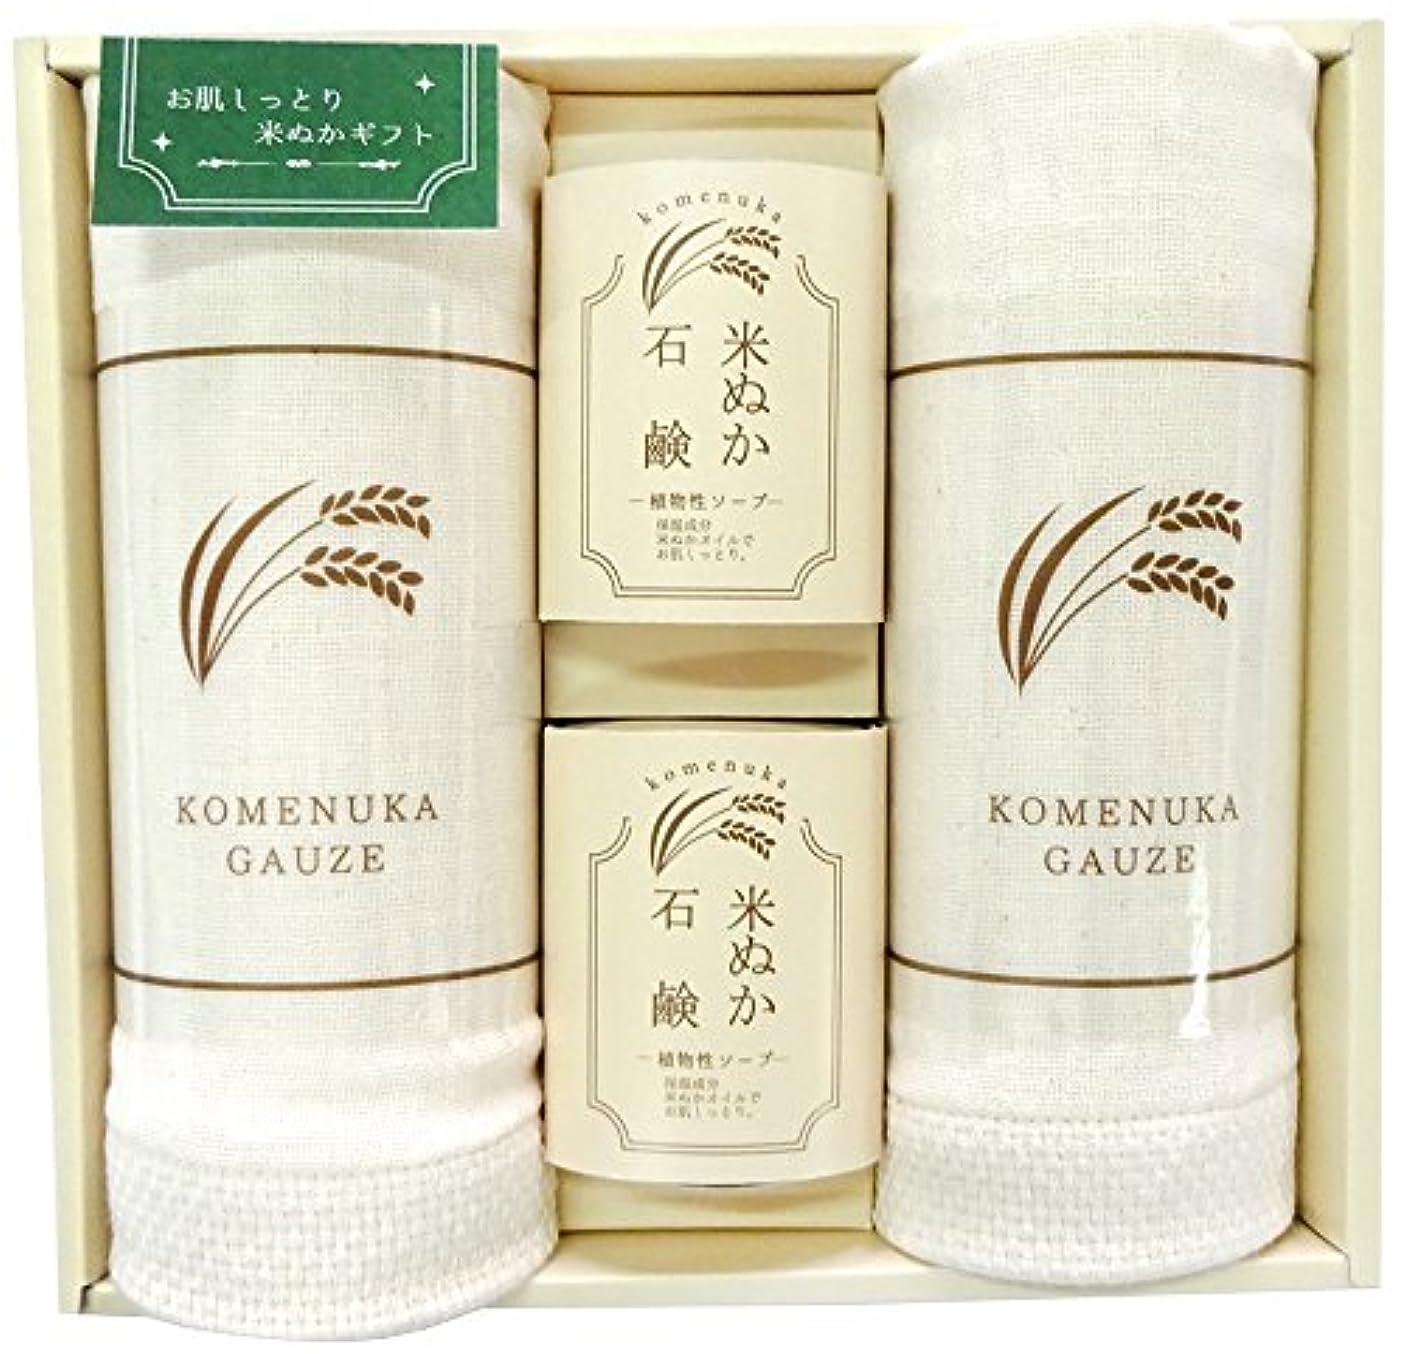 成願 タオルギフトセット ホワイト ウォッシュタオル×2?石鹸×2 KOMG-150